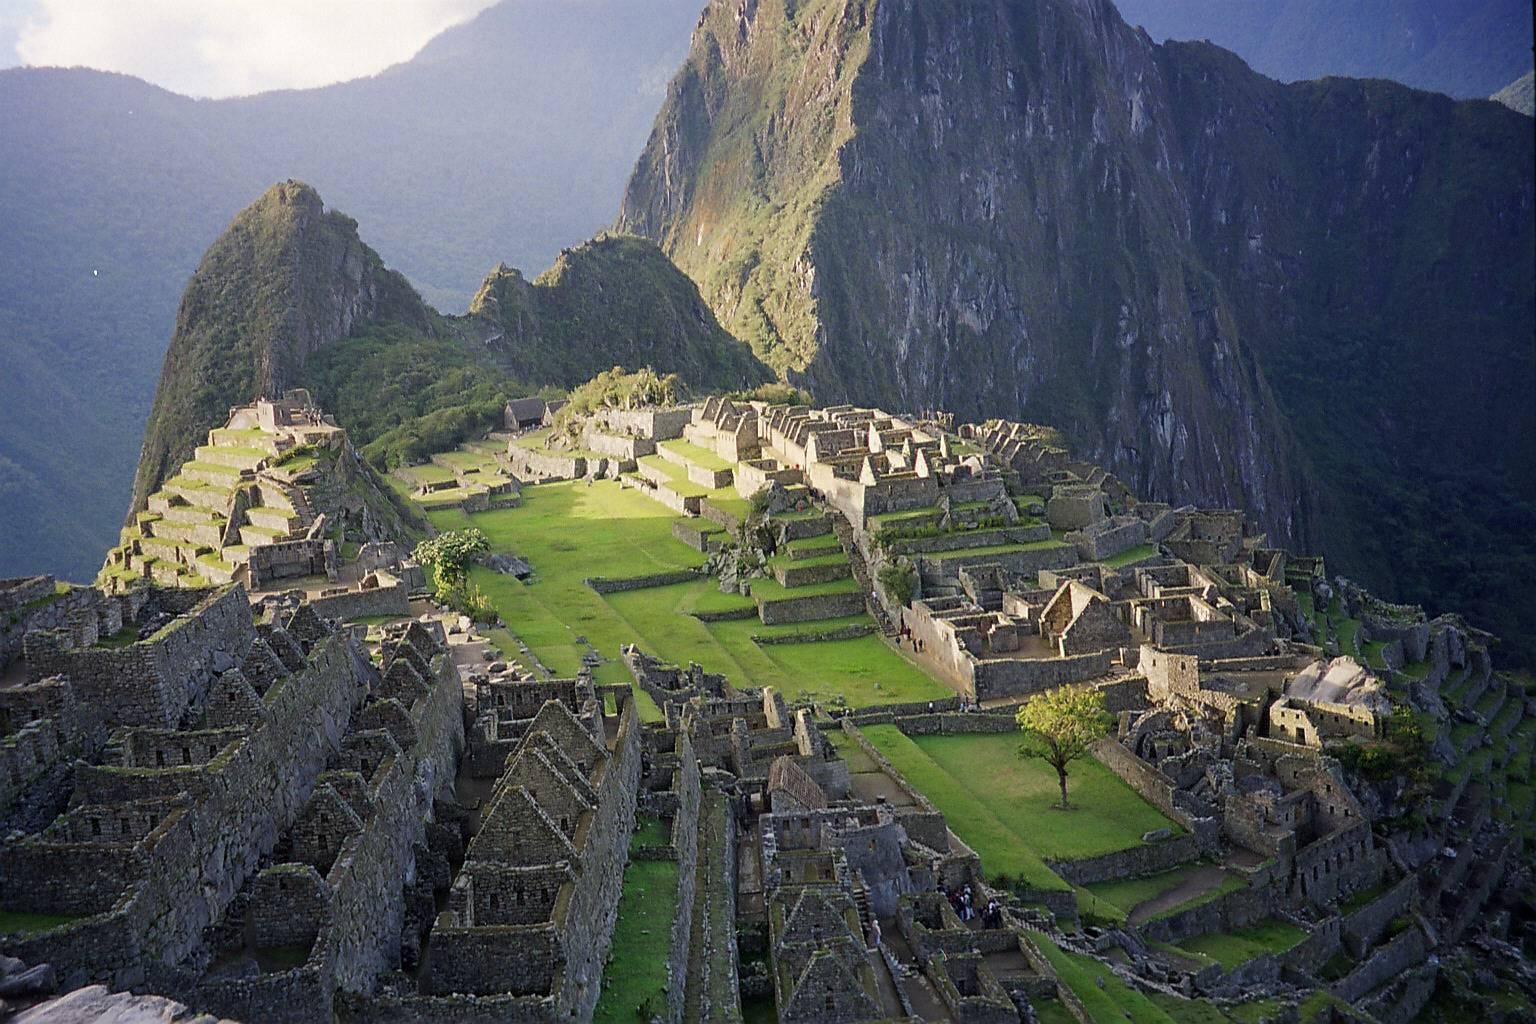 resti delle antiche civiltà Inca